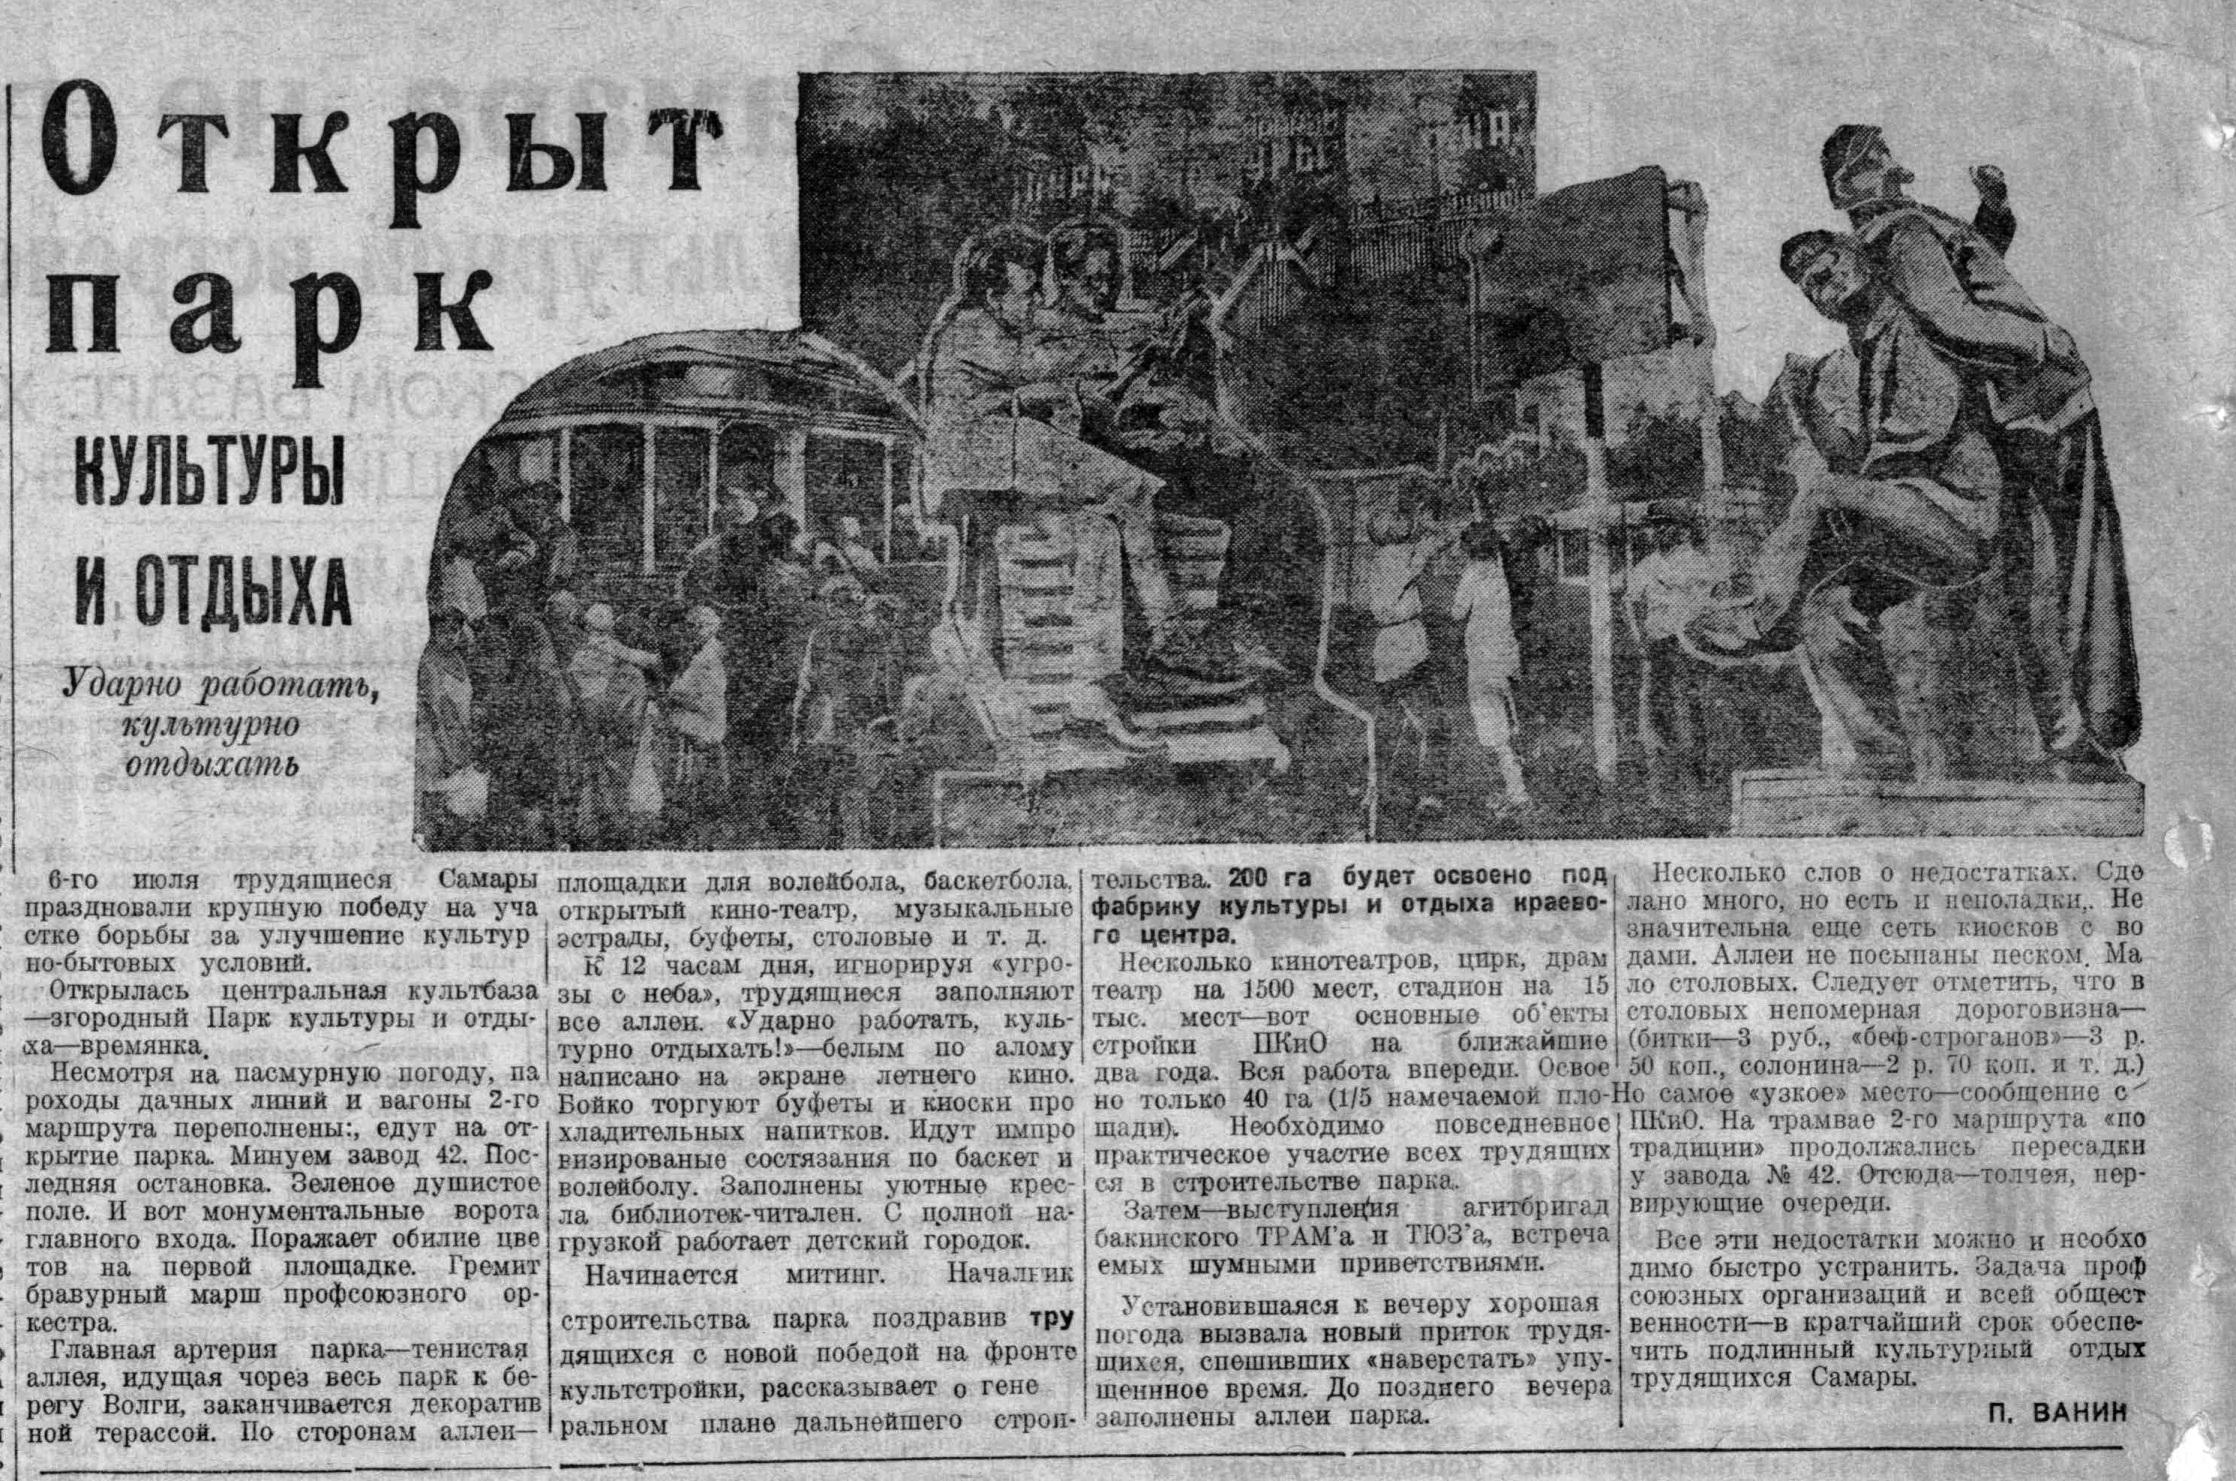 Ново-Садовая-ФОТО-34-ВКа-1932-07-08-об открытии Загородного парка